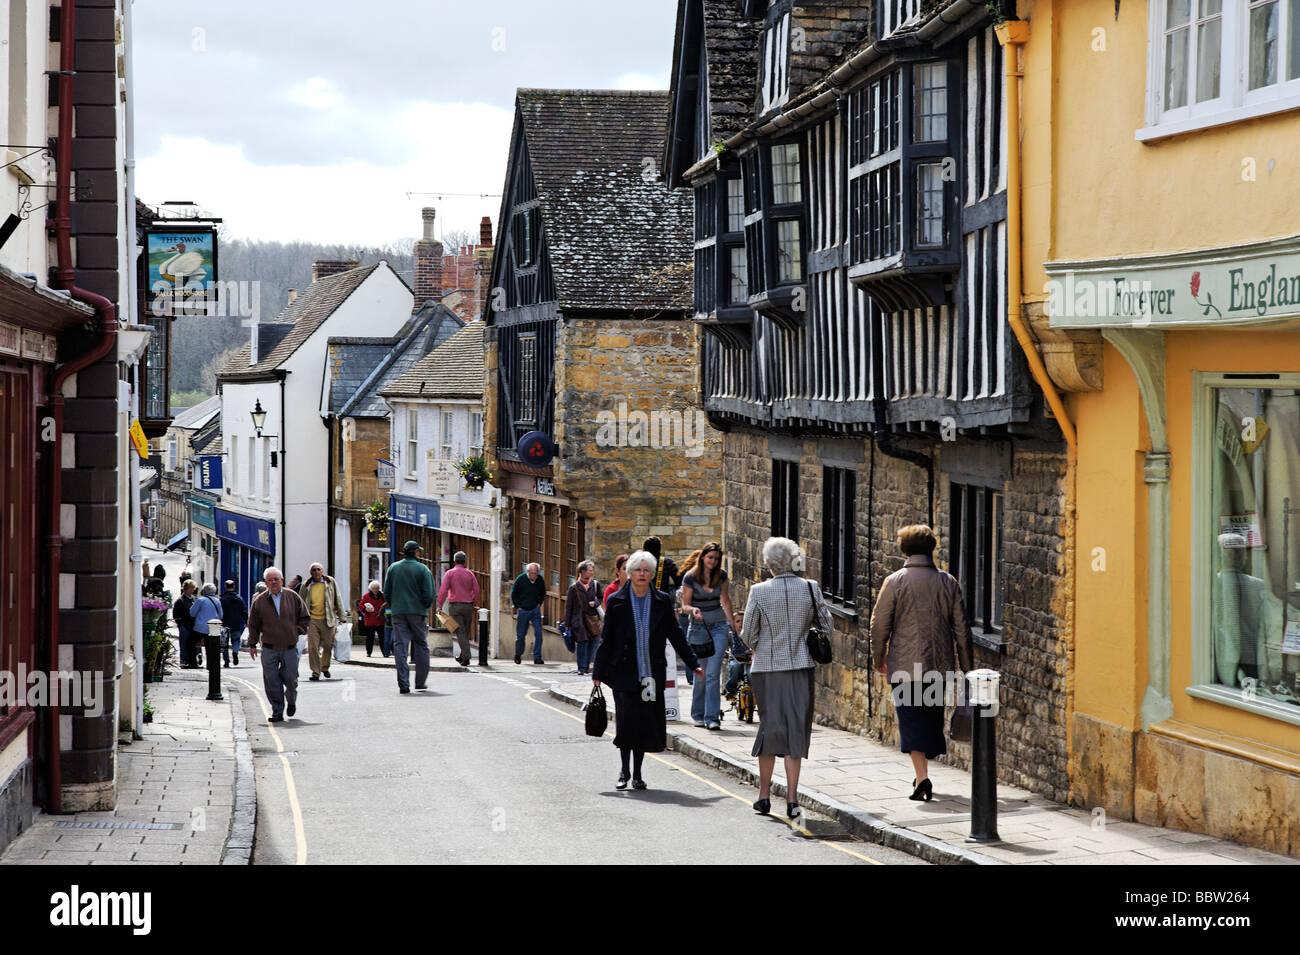 Vista economici St high street a Sherborne Dorset South West England Regno Unito Immagini Stock